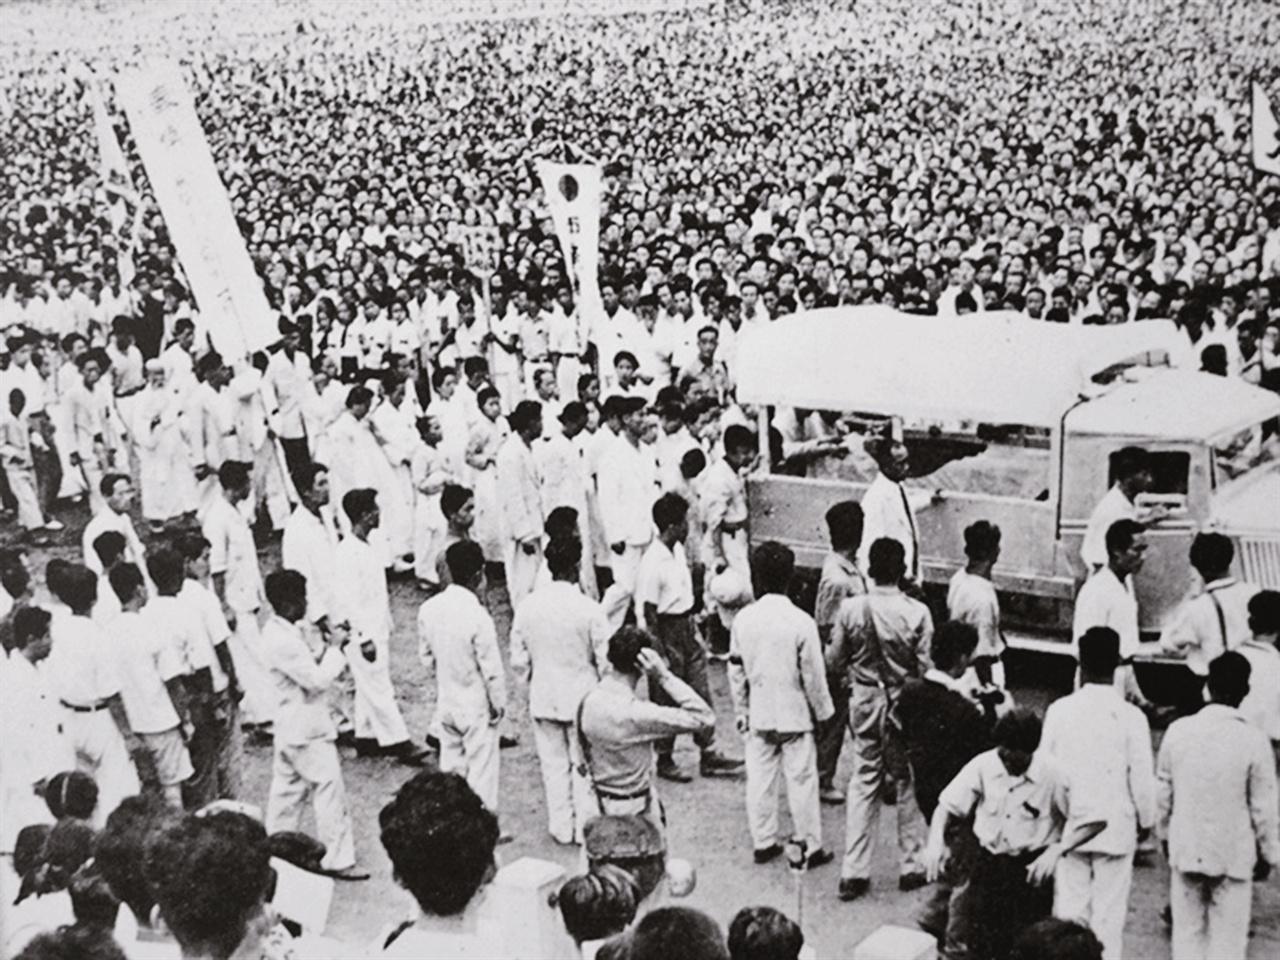 여운형 장례 행렬(1947. 8. 3.)